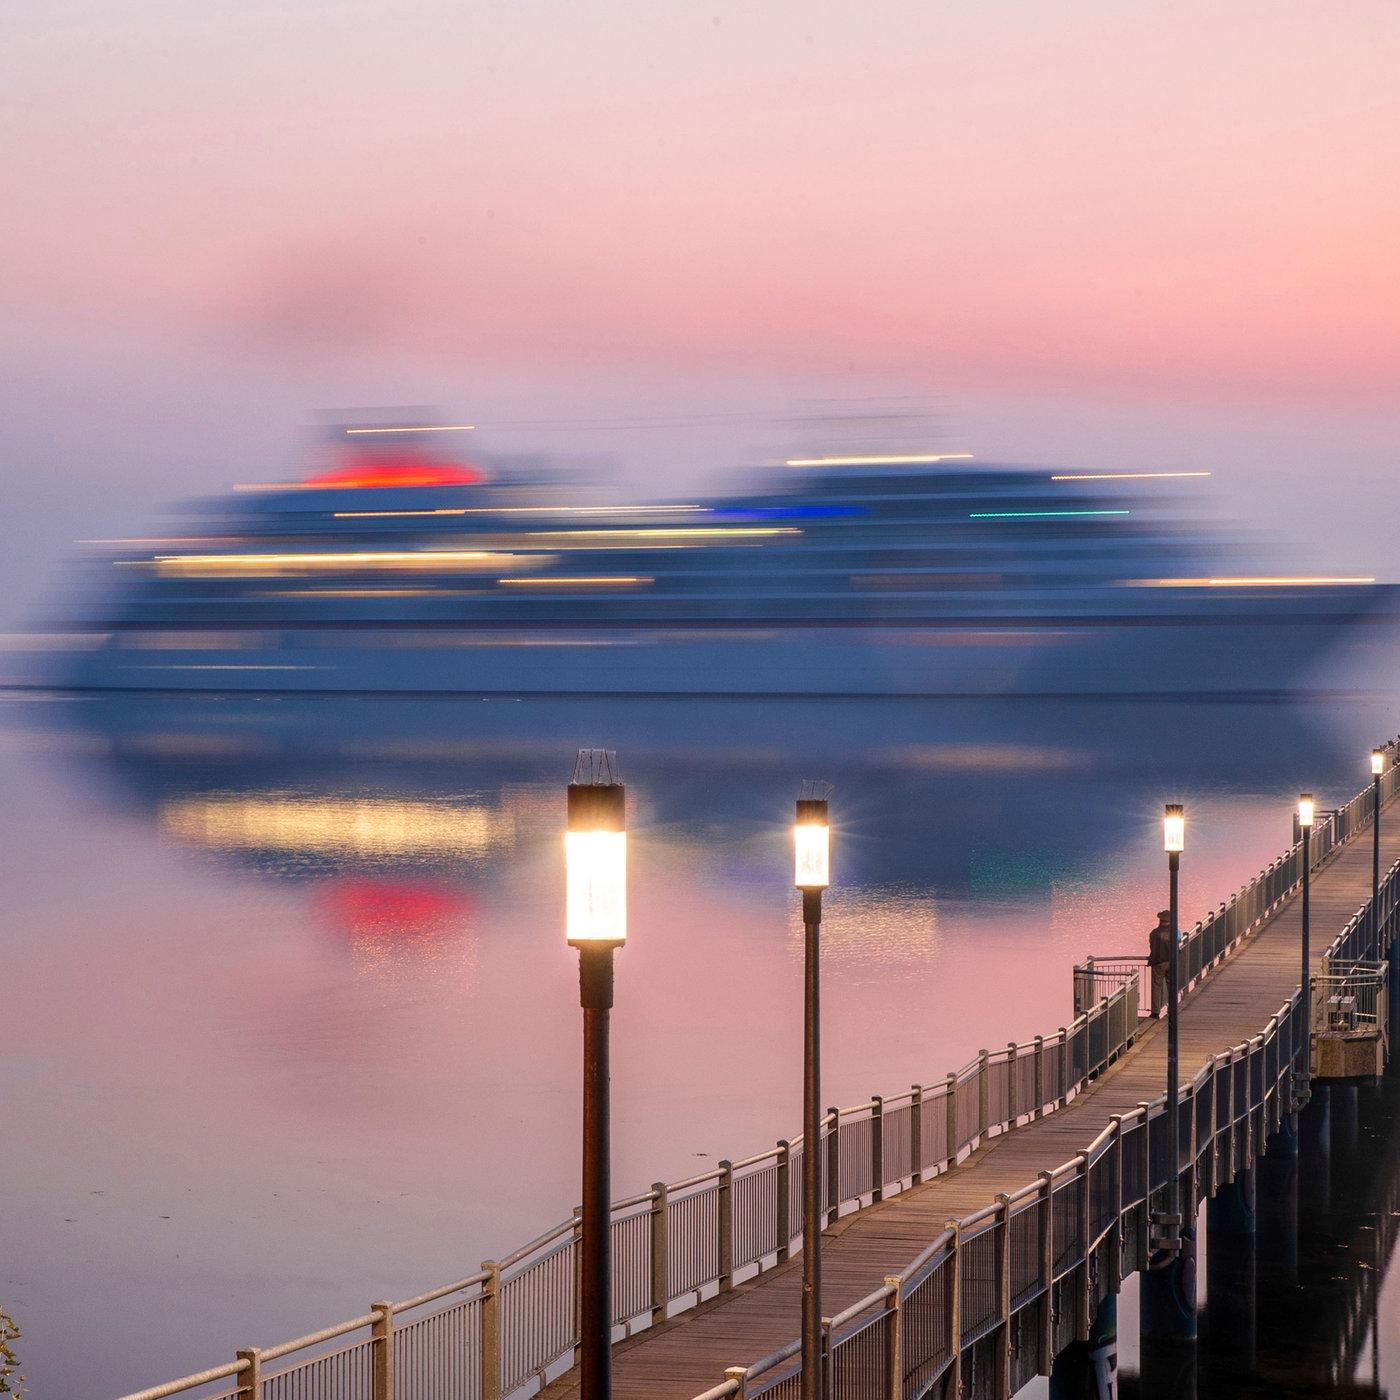 Paradise - Traumreise auf Kreuzfahrtschiff wird zum Albtraum